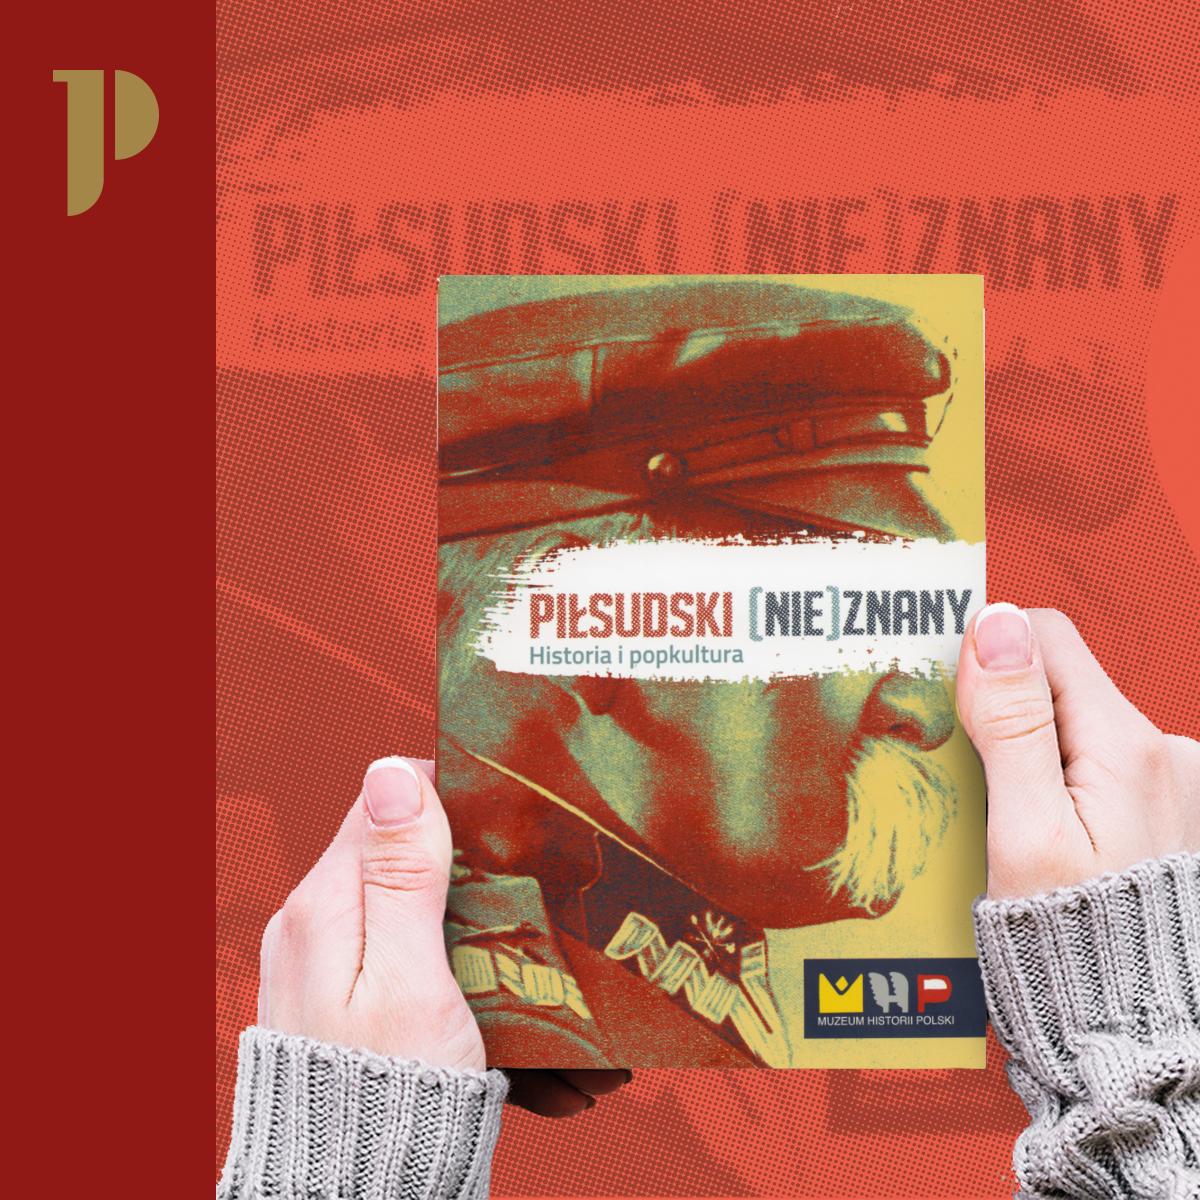 """okładka ksiażki """"Piłsudski (nie)znany"""""""